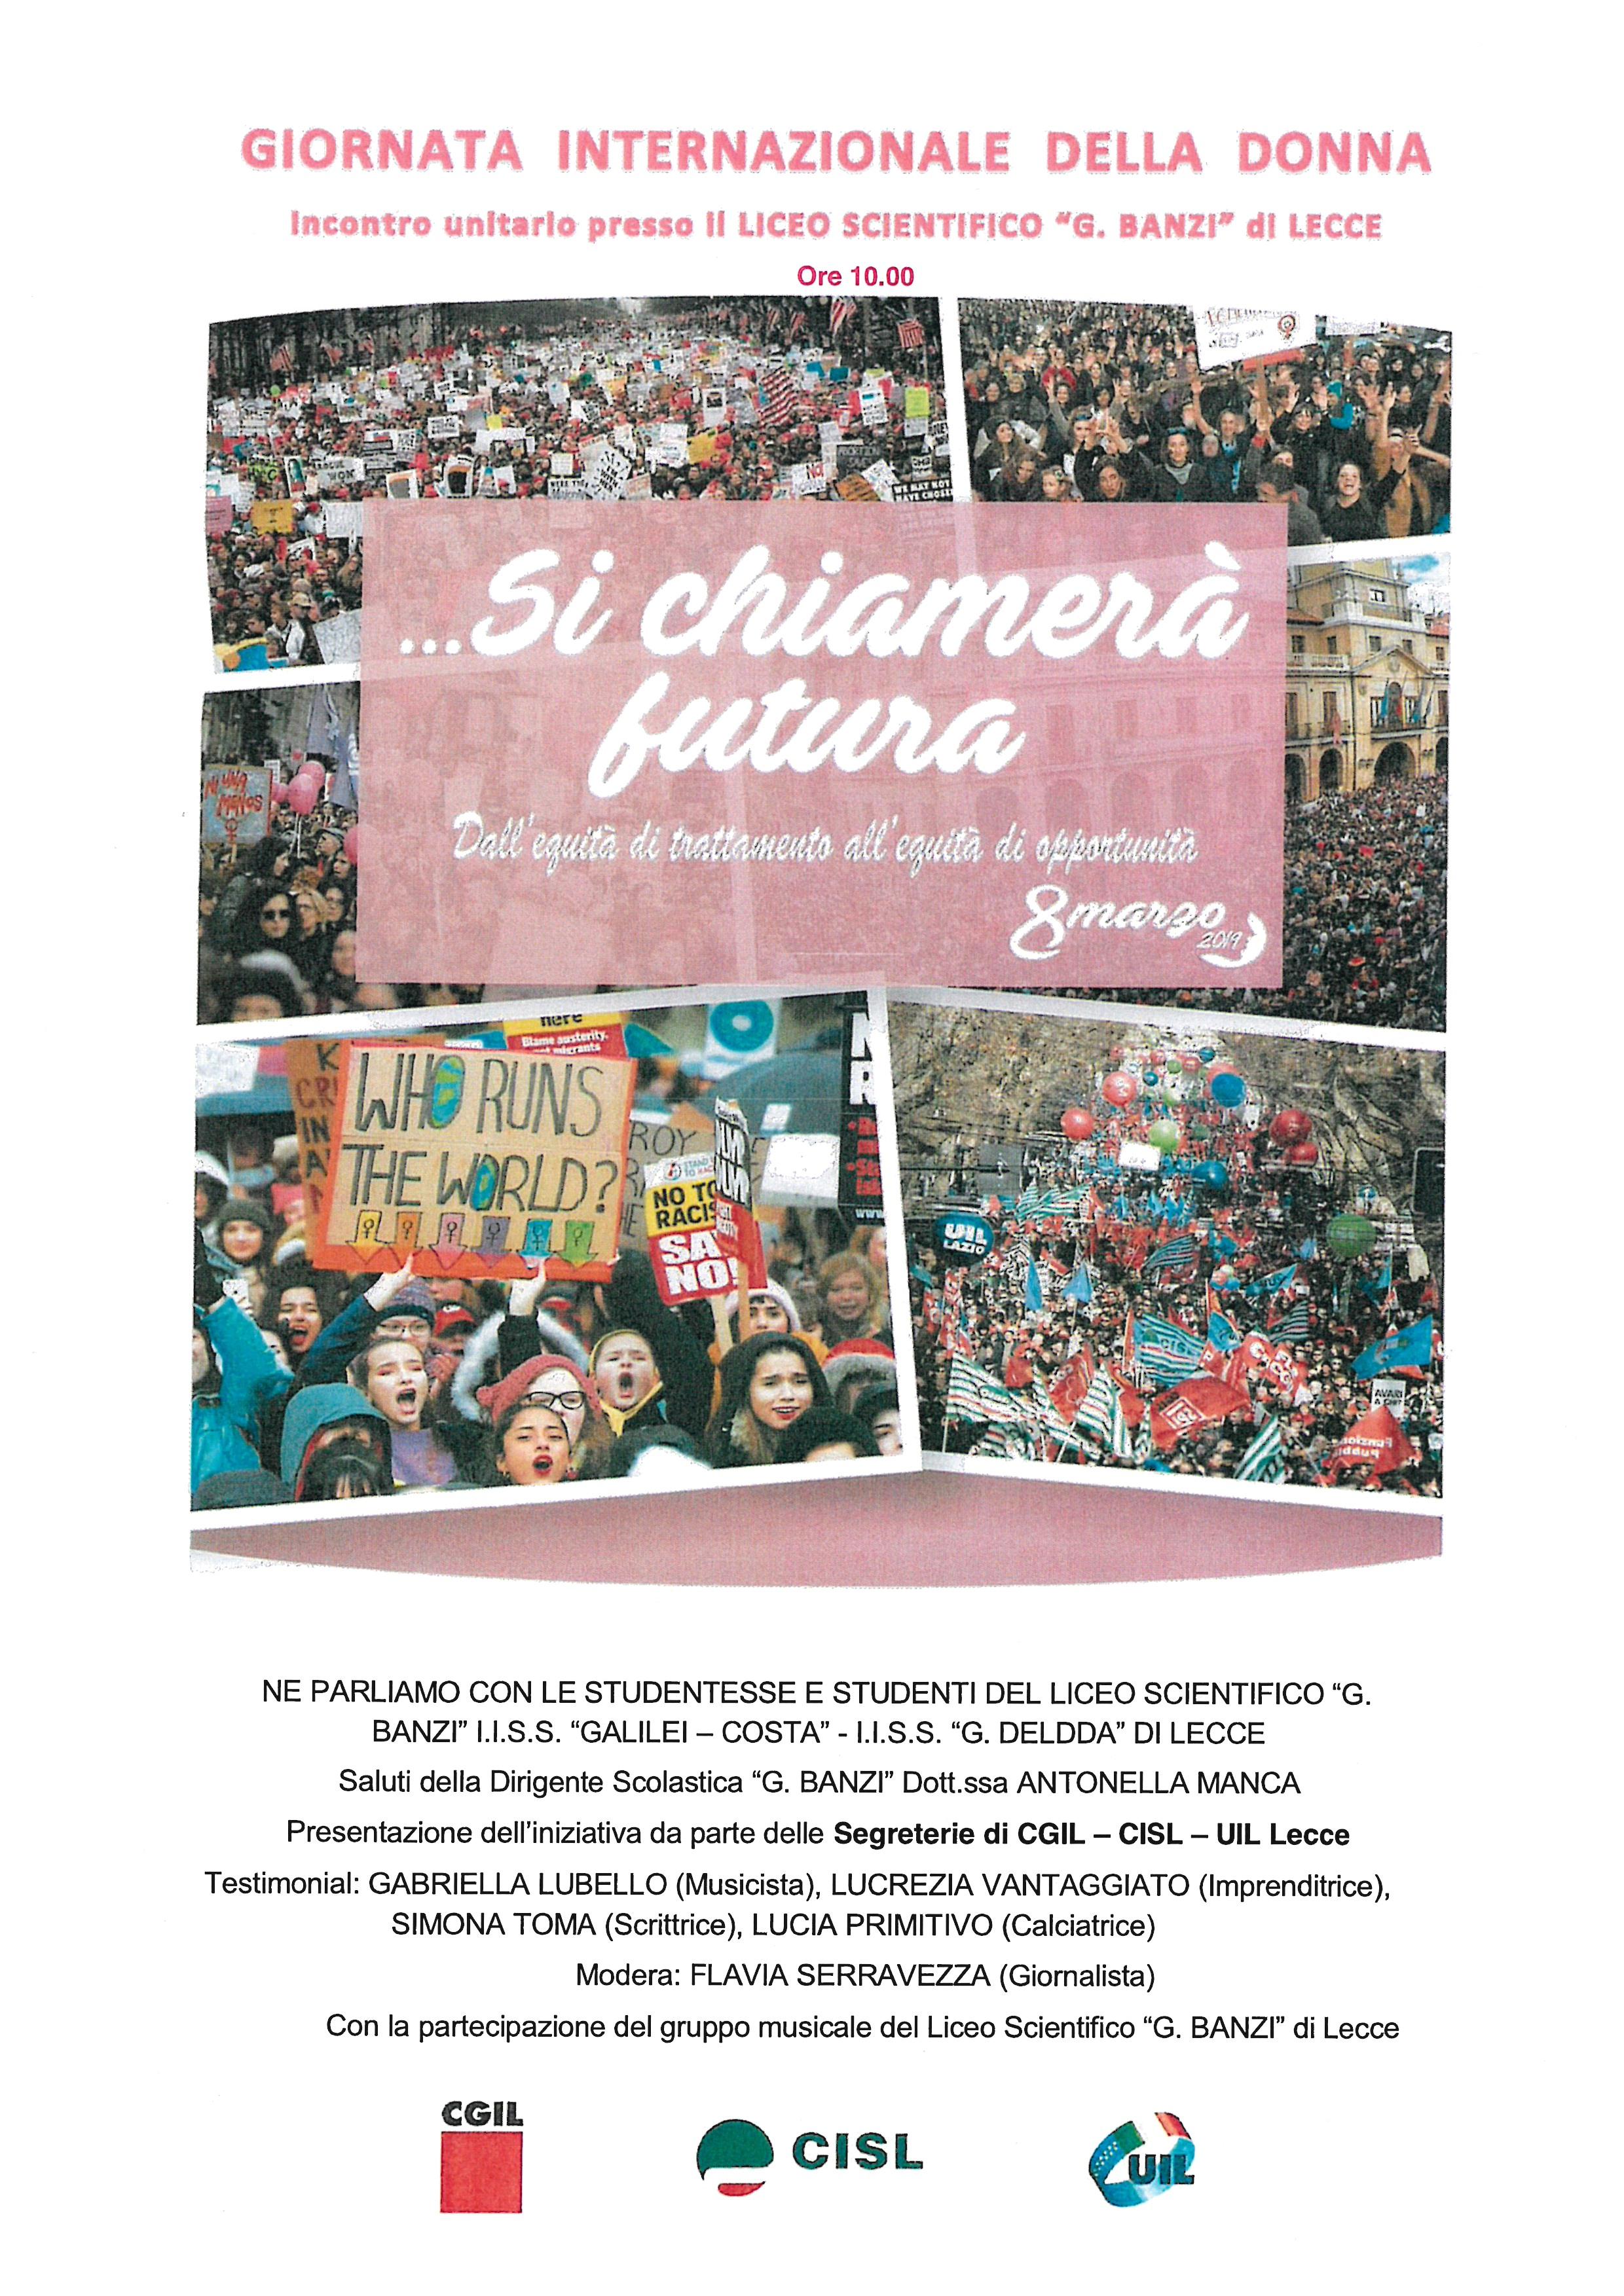 """Cgil, Cisl e Uil di Lecce per la Giornata internazionale della donna incontro unitario con gli studenti presso il liceo """"Banzi"""" di Lecce"""